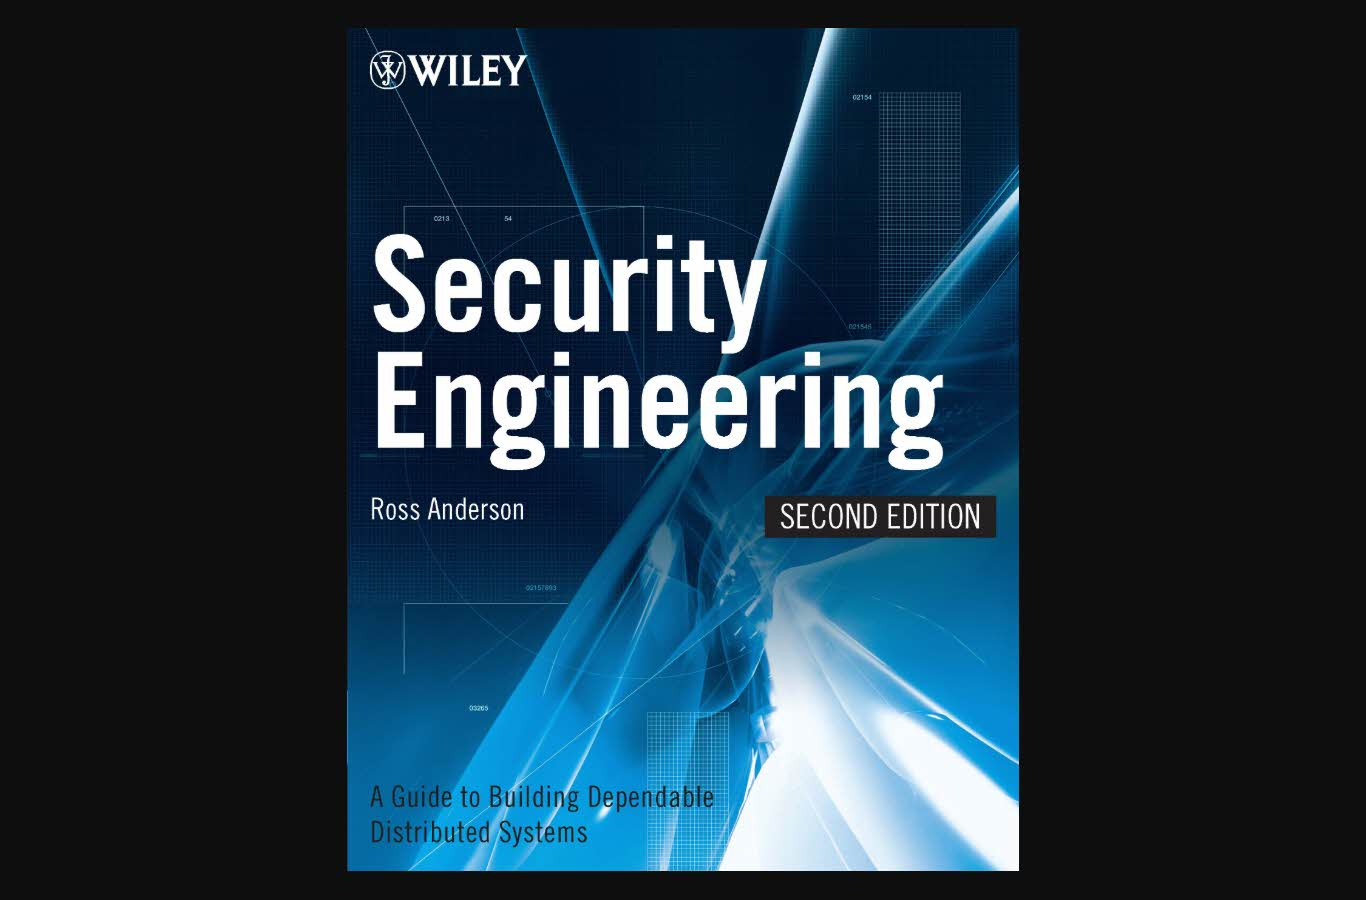 aprende ingeniería de seguridad informática con este libro gratuito